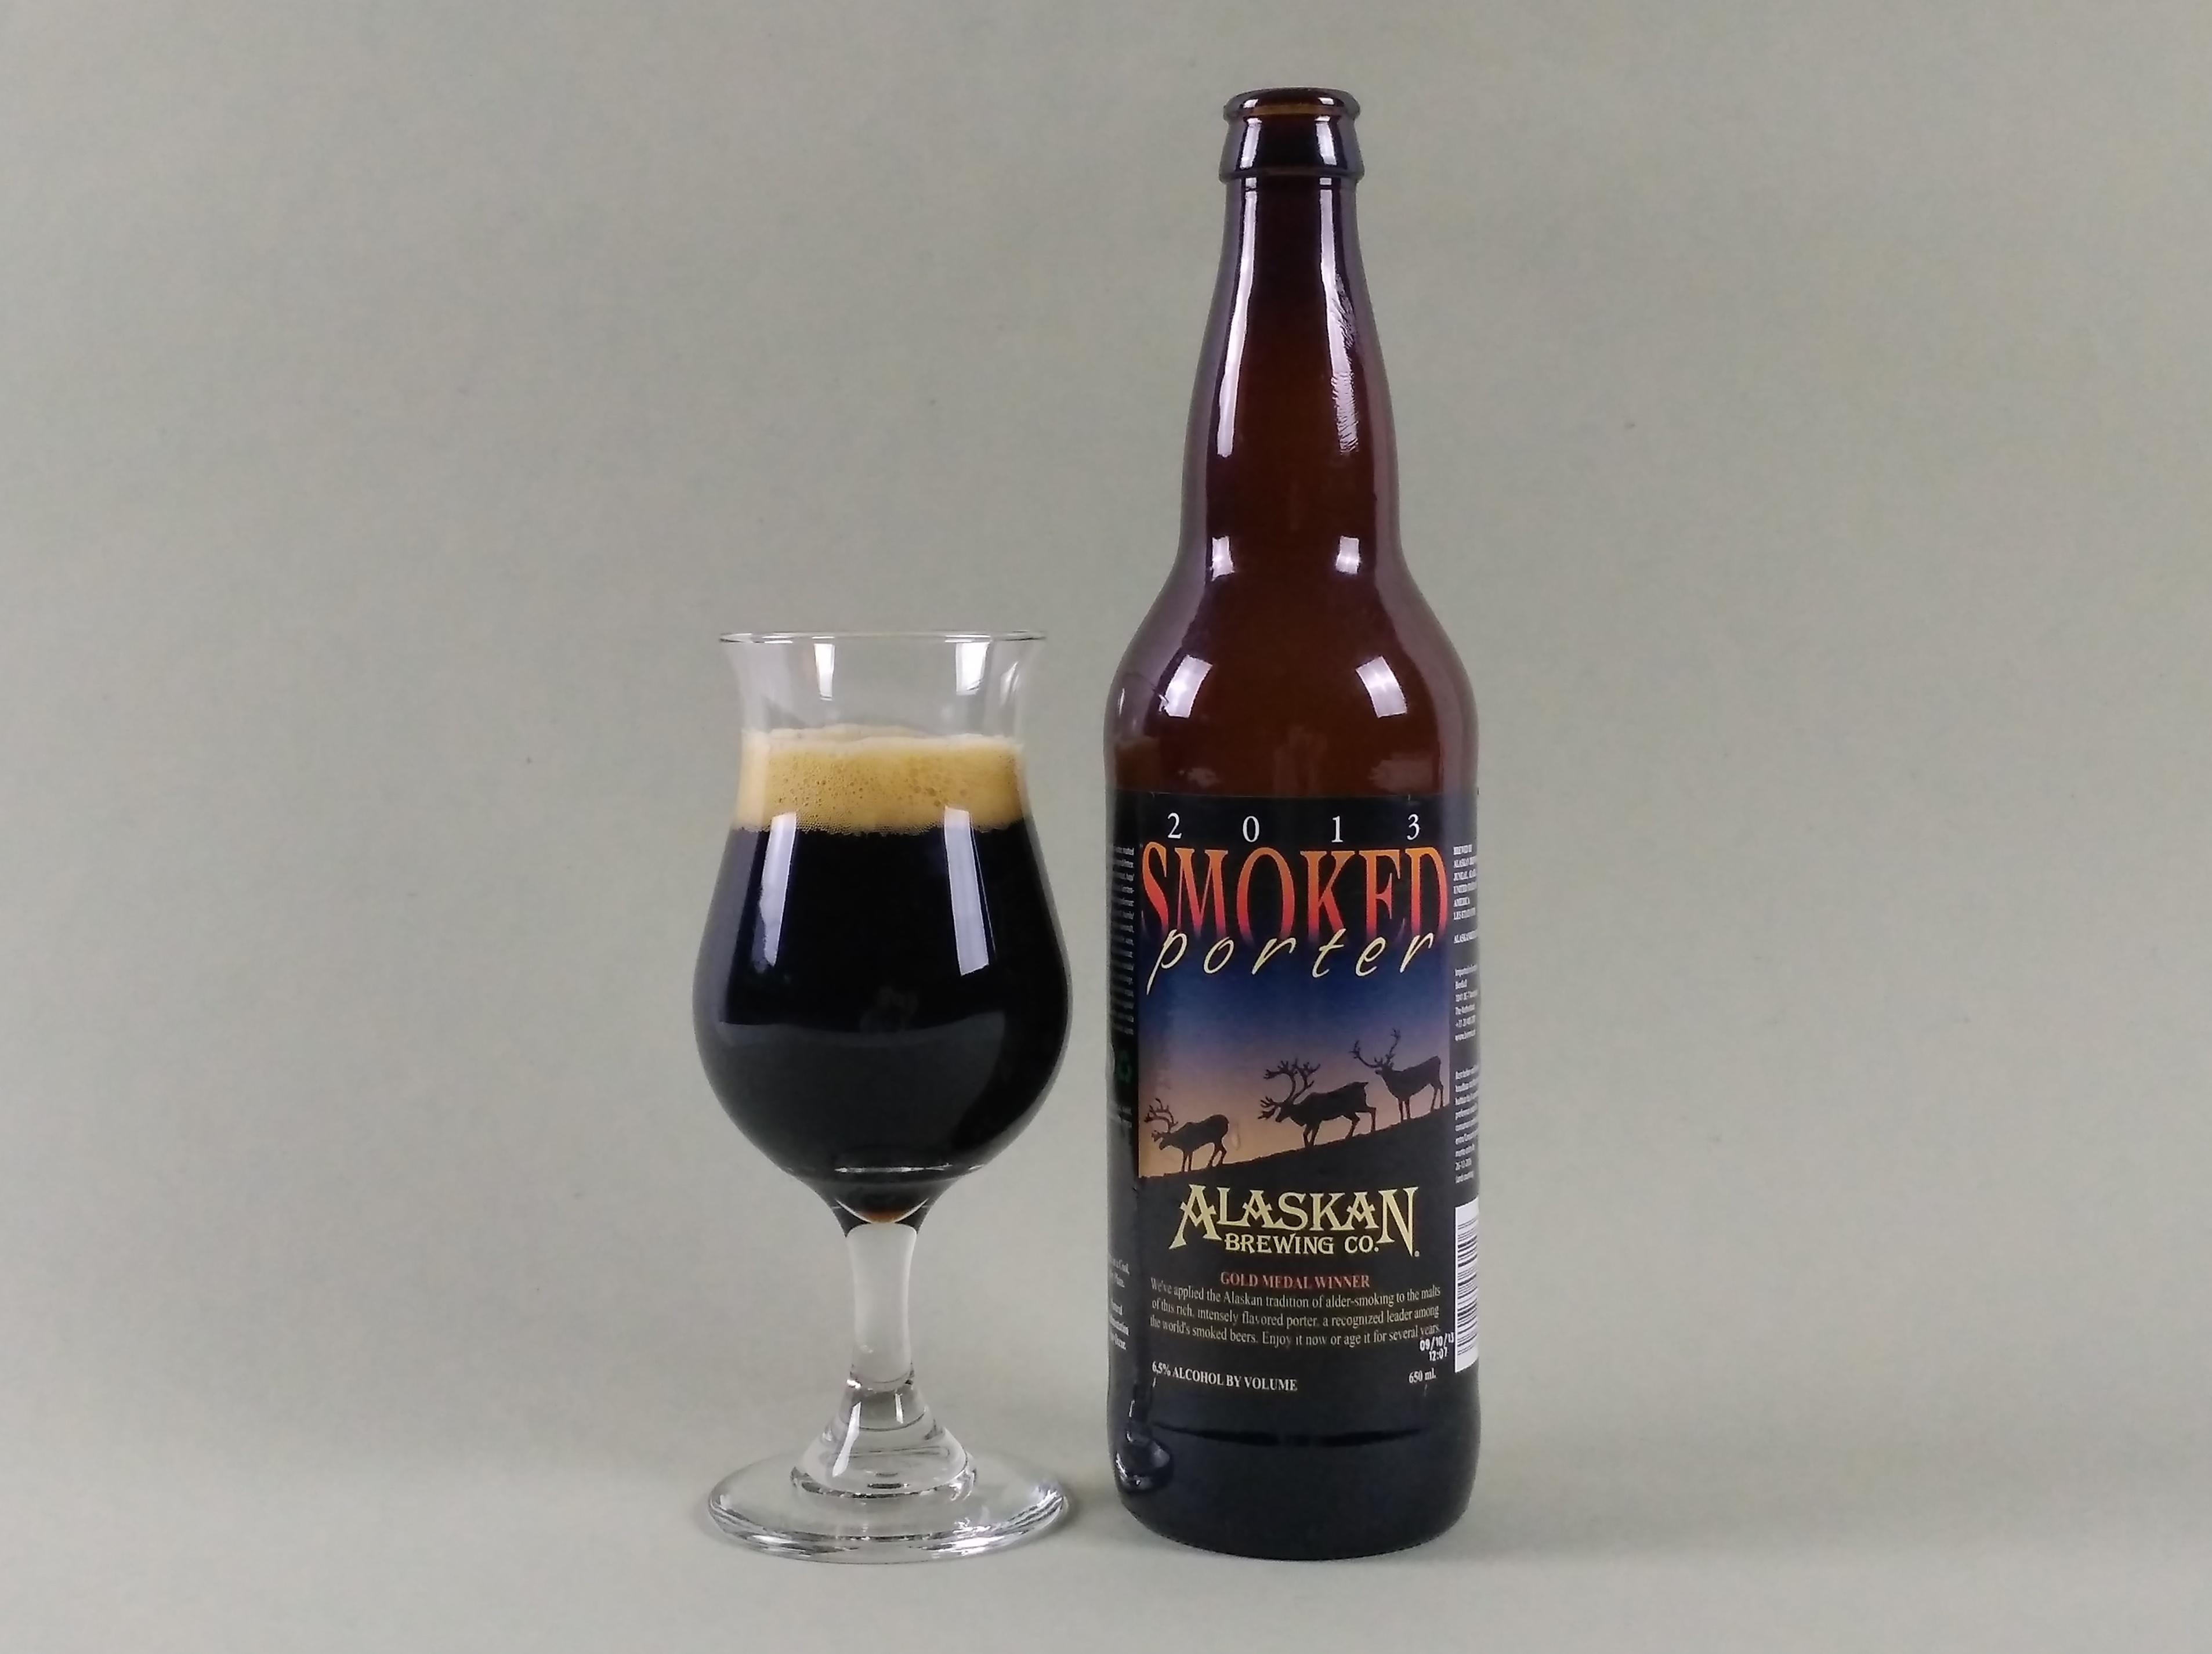 Alaskan Smoked Porter 2013